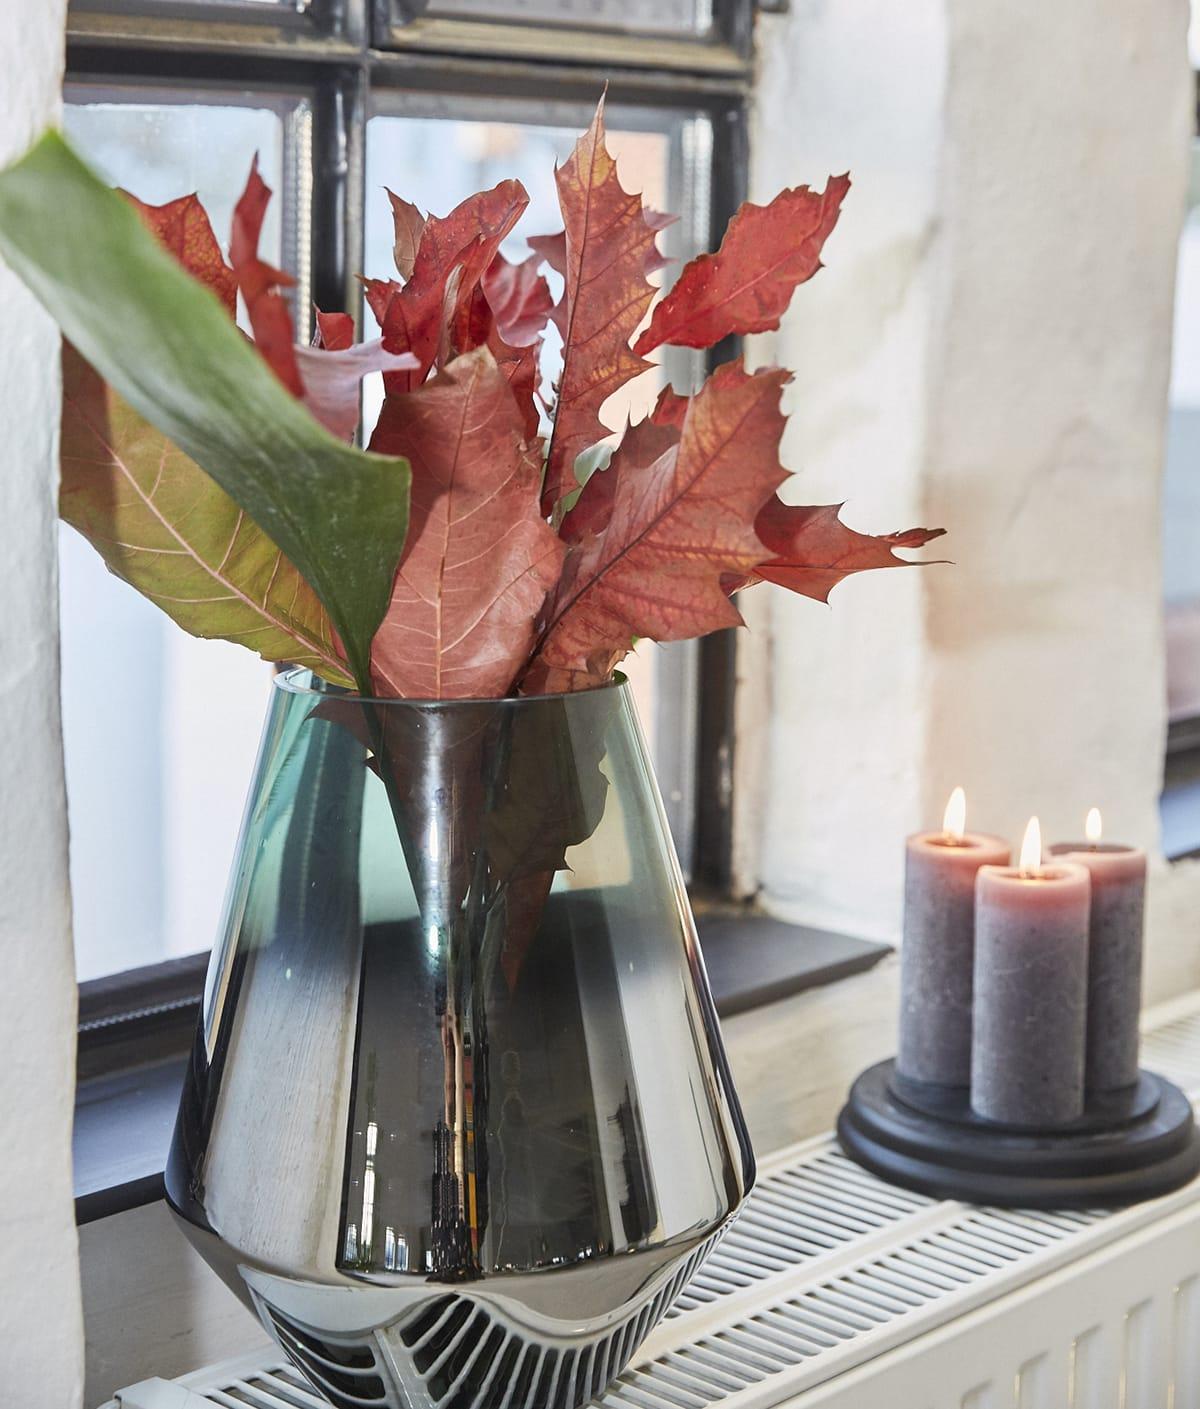 In der hyggeligen Weihnachtszeit heißen Kerzen im Fenster die Besucher willkommen.